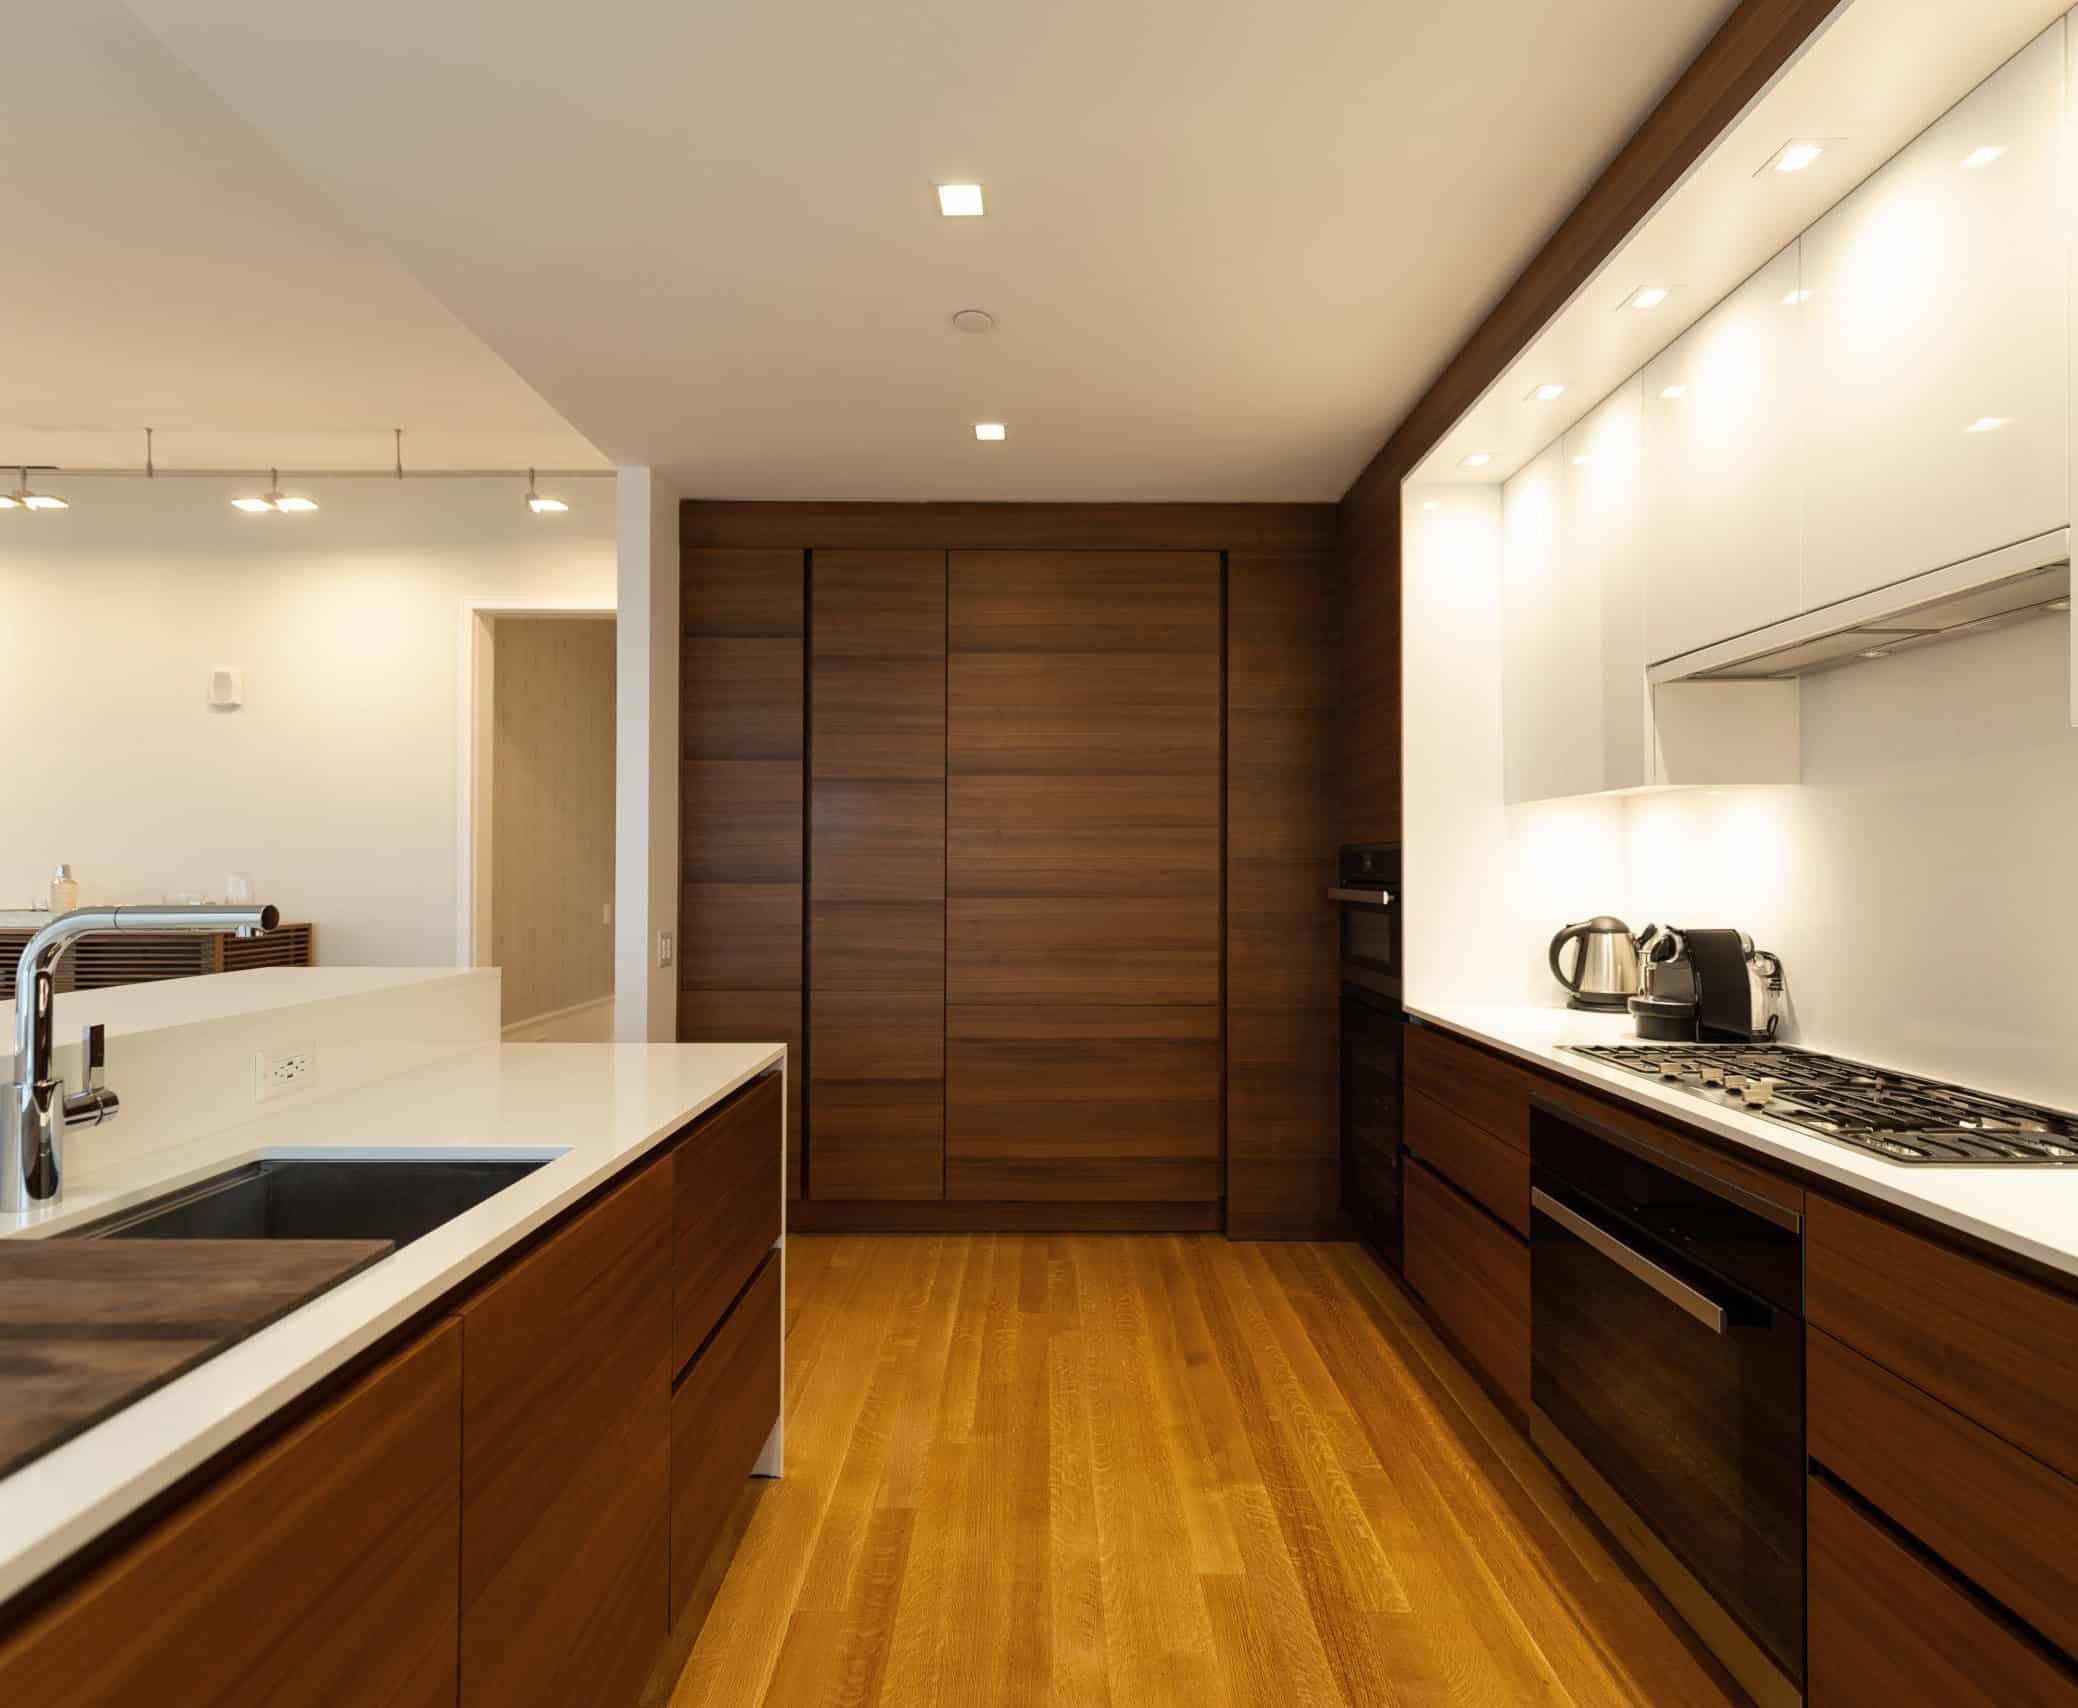 Luxury kitchen design on Billionaire's row, New York City